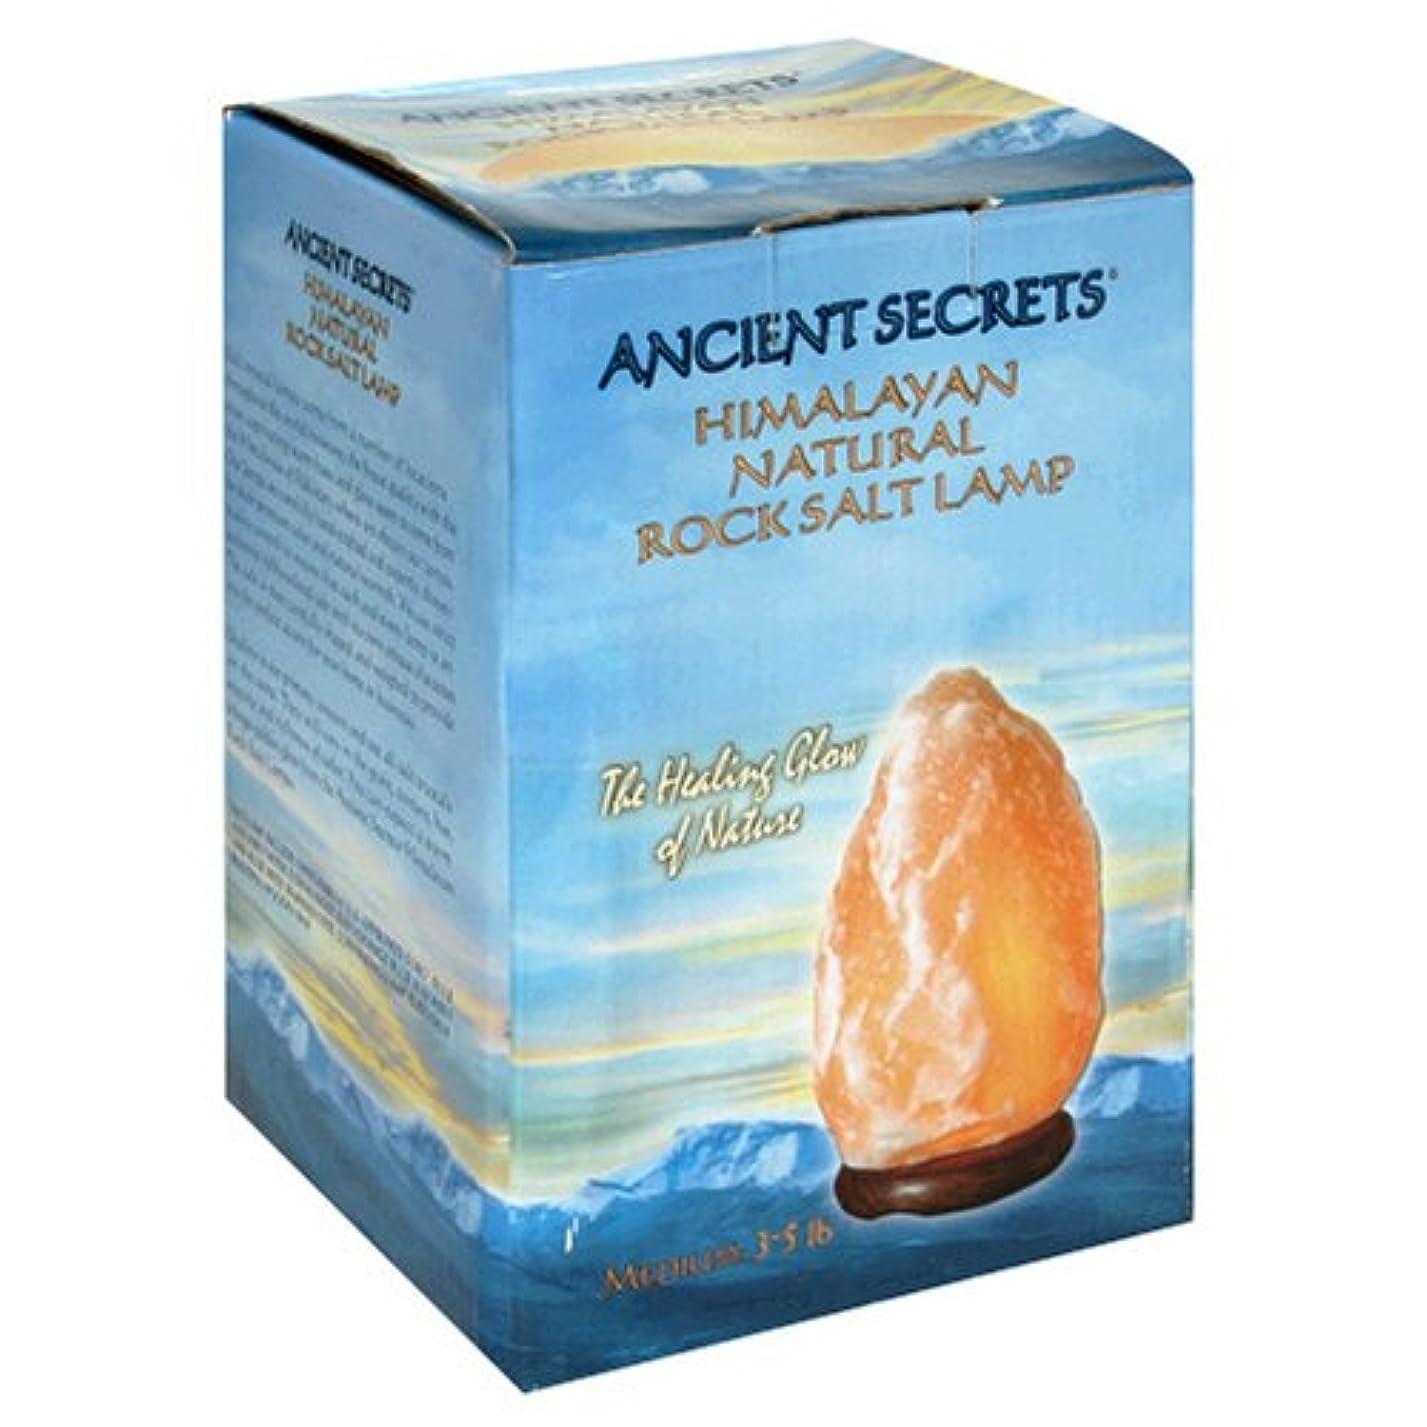 クライストチャーチ田舎所有者Ancient Secrets, Lotus Brand Inc., Himalayan Natural Rock Salt Lamp, Medium, 3-5 lb Lamp (Discontinued Item)